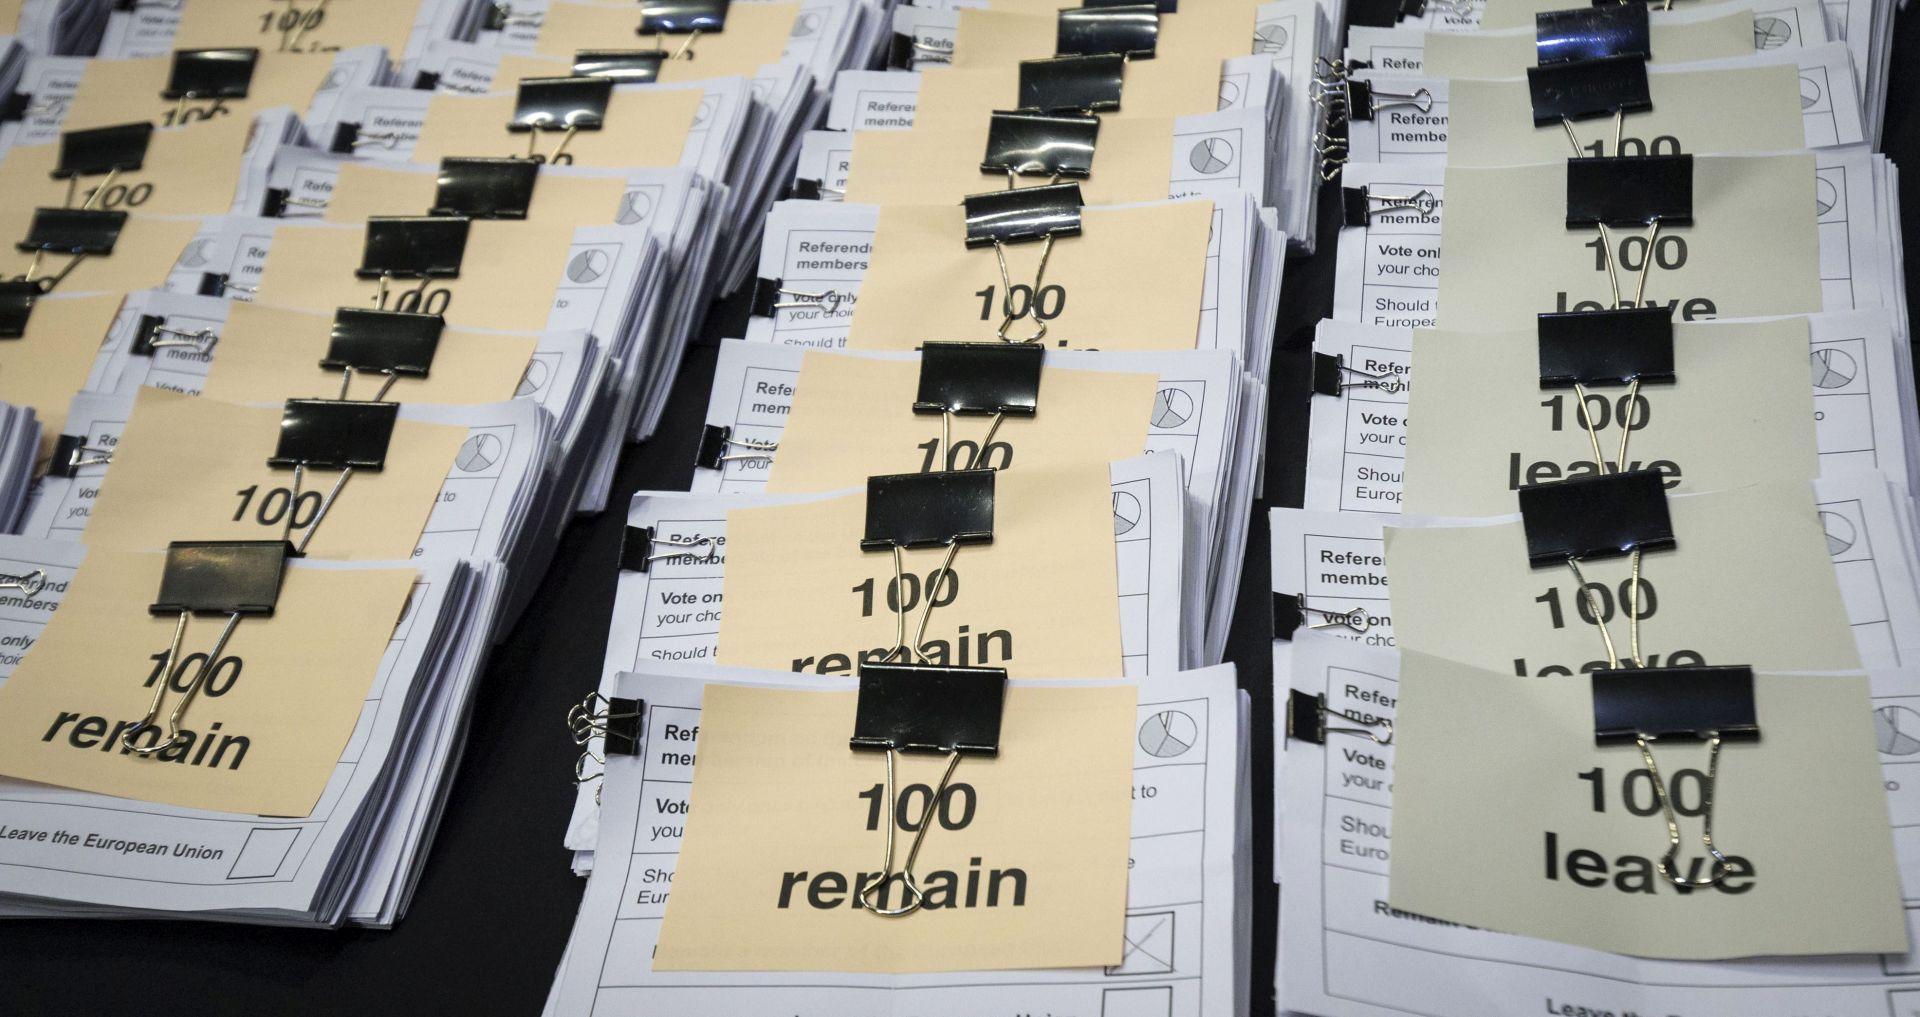 Irski čelnici odbacuju ideju referenduma ujedinjenja